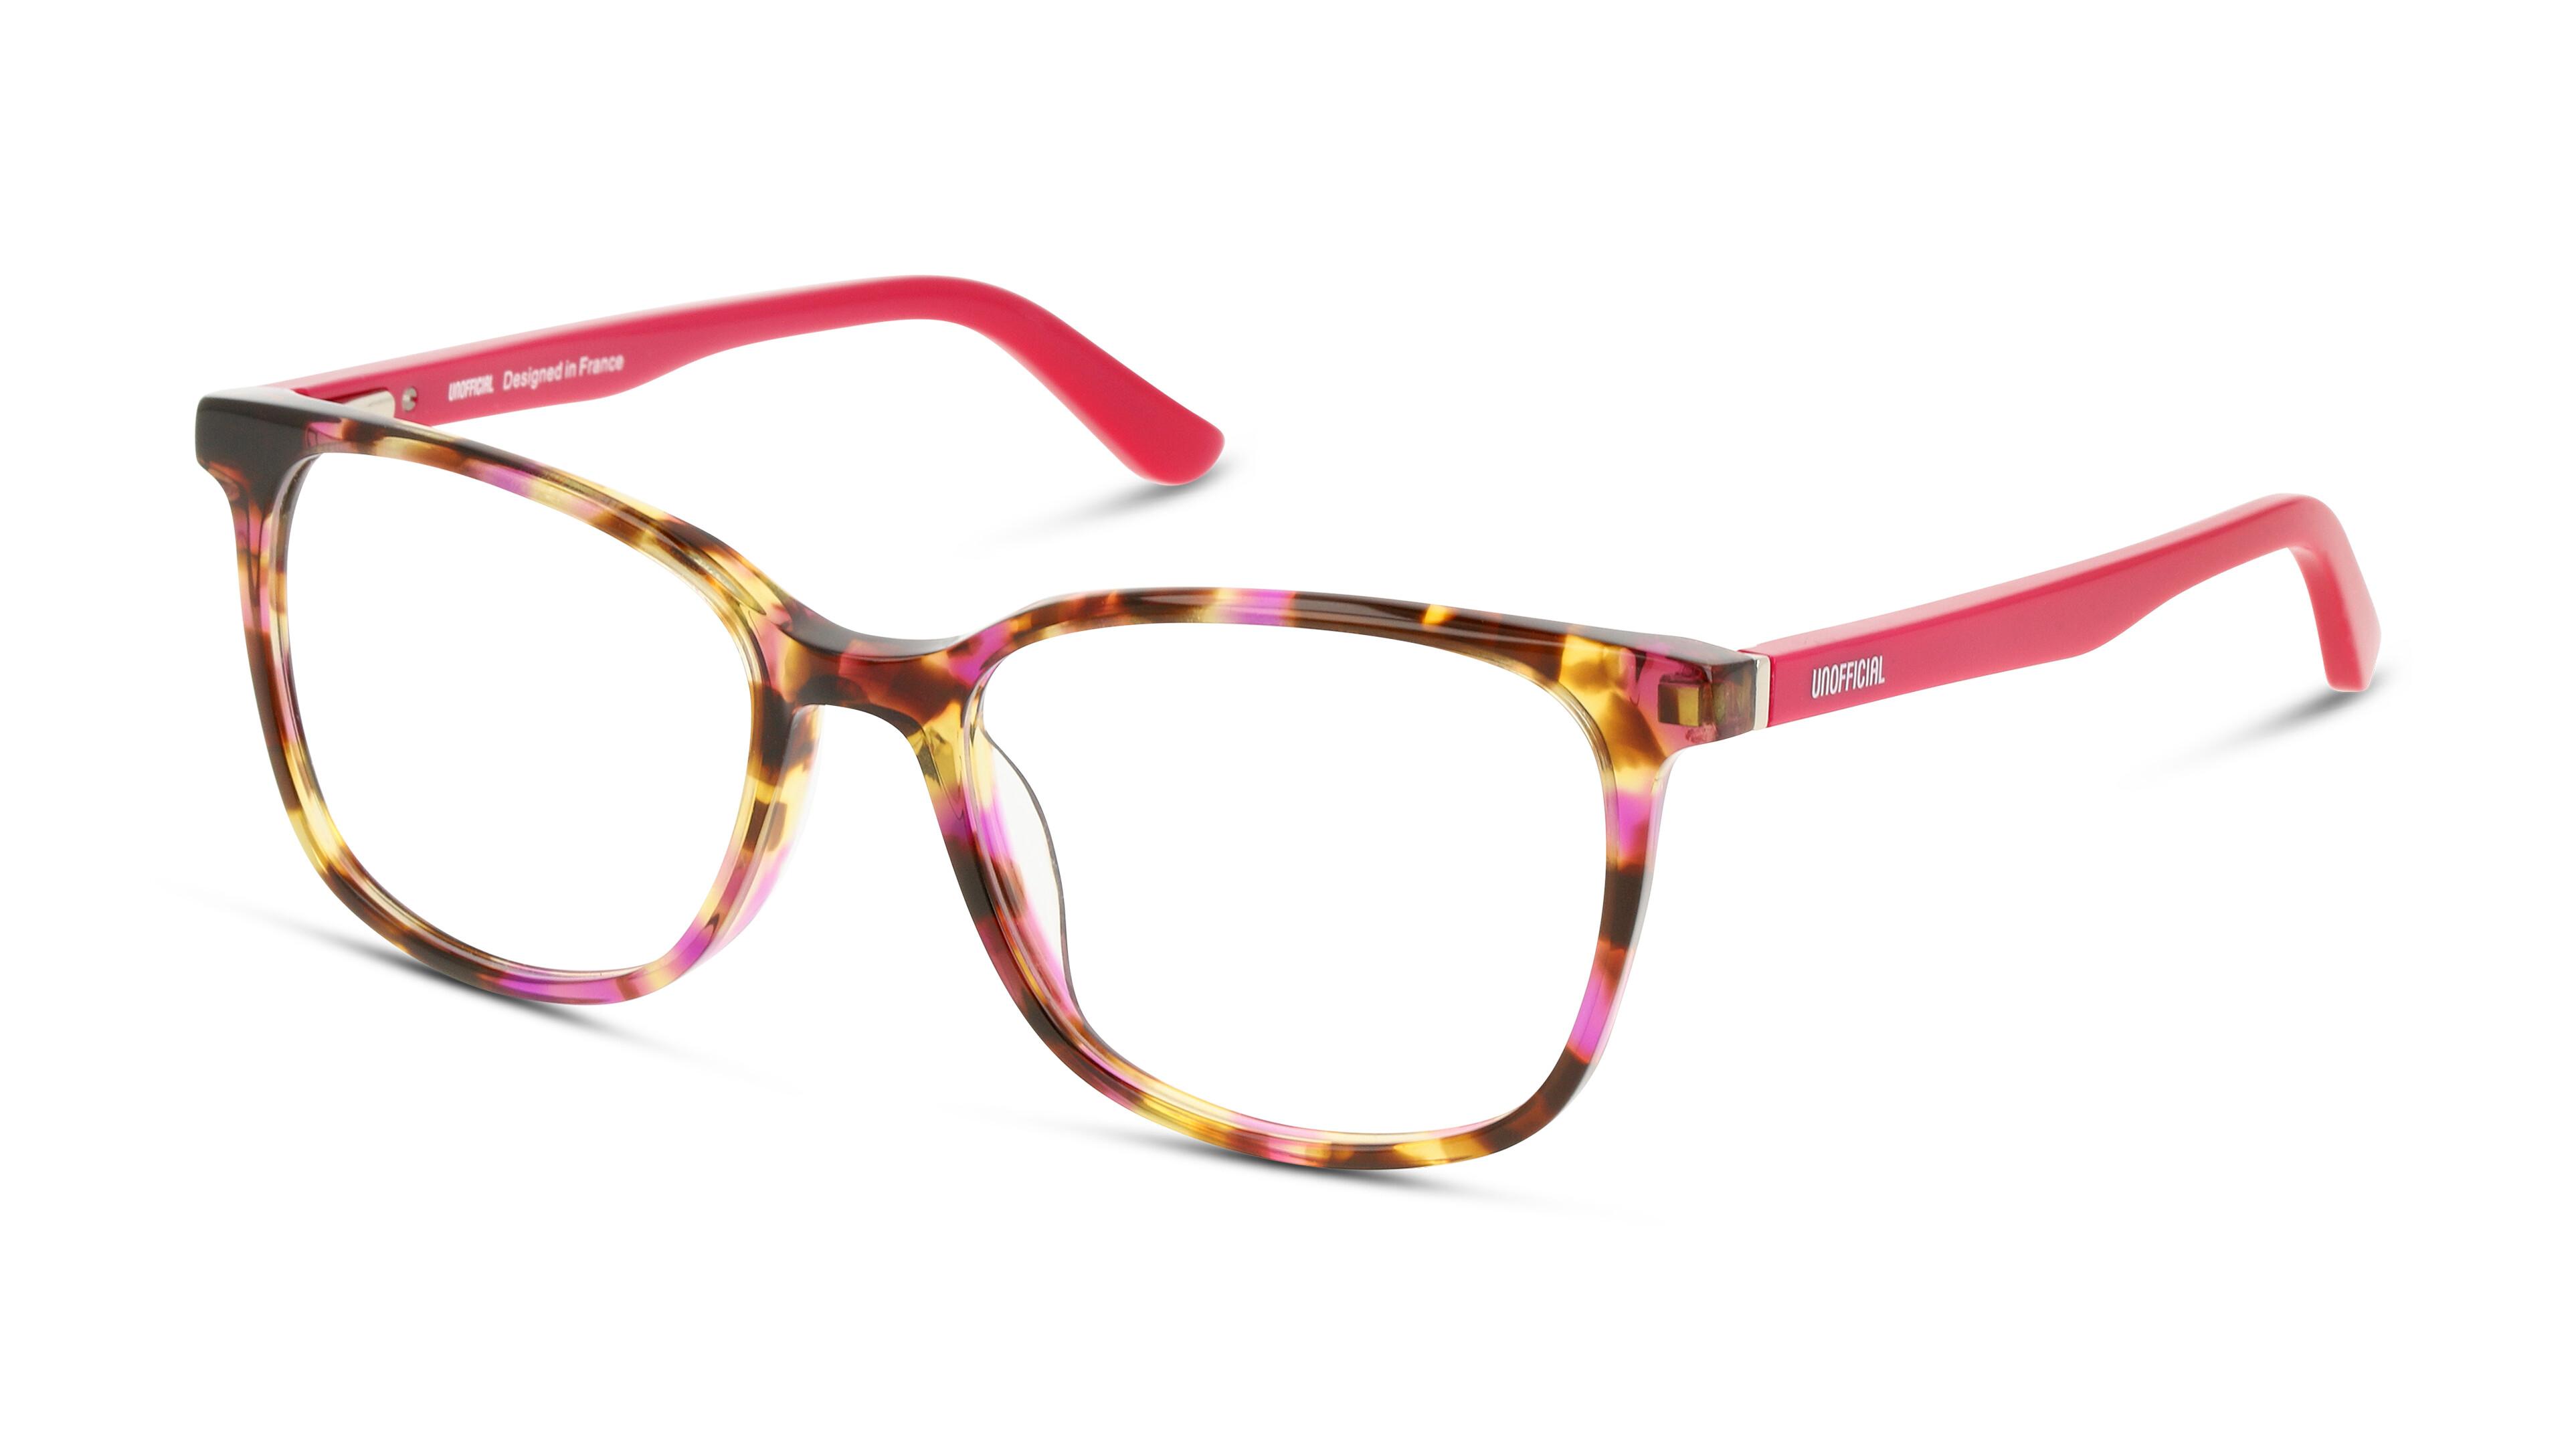 8719154739583-angle-brillenfassung-unofficial-unot0026-havana-pink